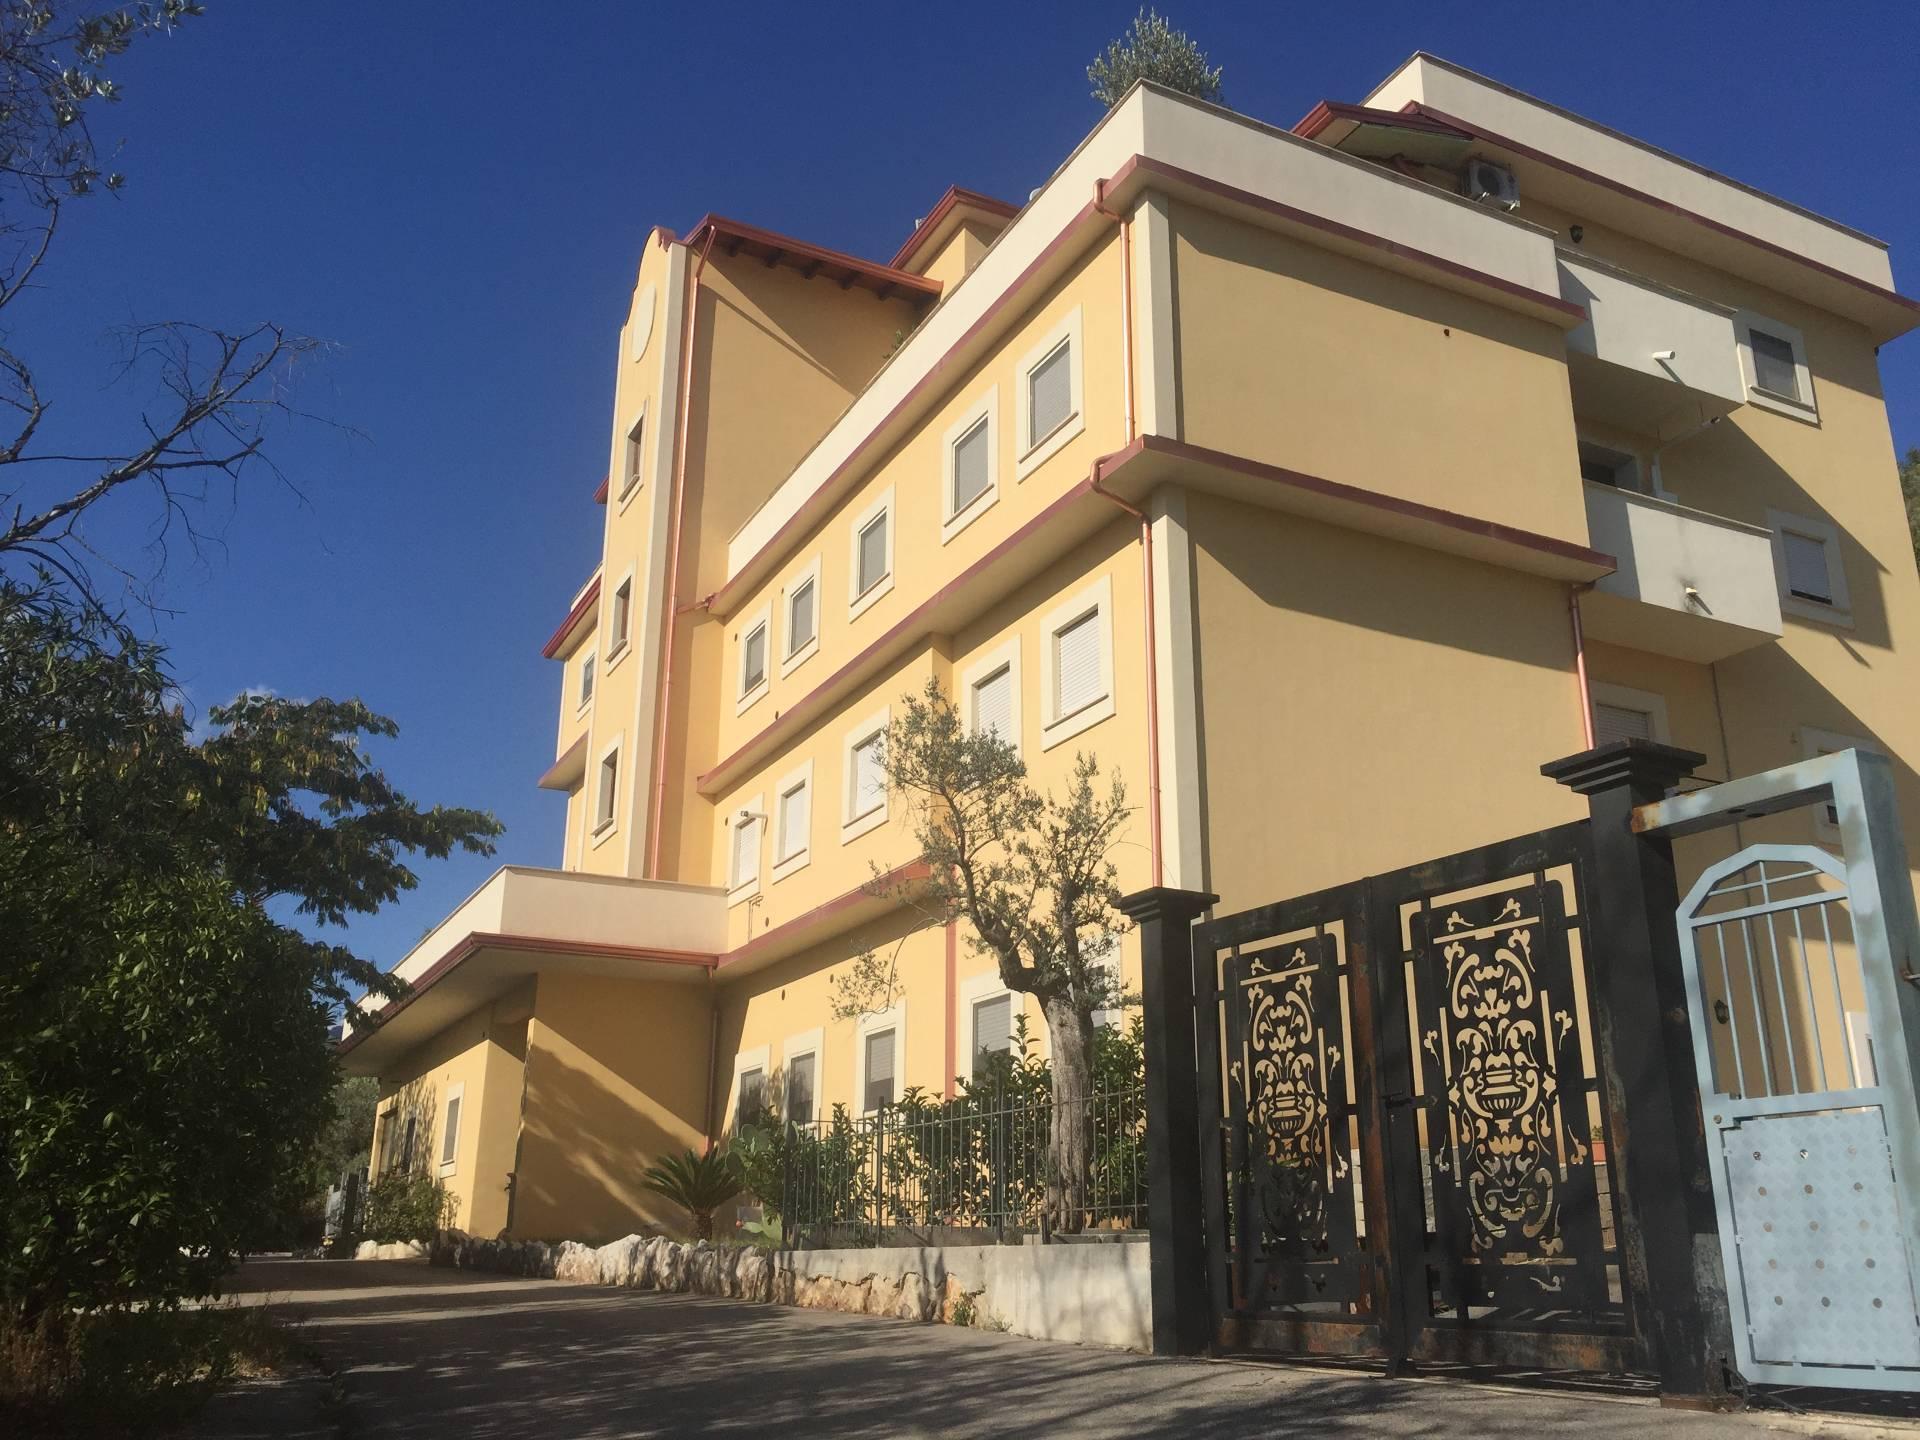 Appartamento in vendita a Sant'Elia Fiumerapido, 10 locali, prezzo € 190.000 | CambioCasa.it